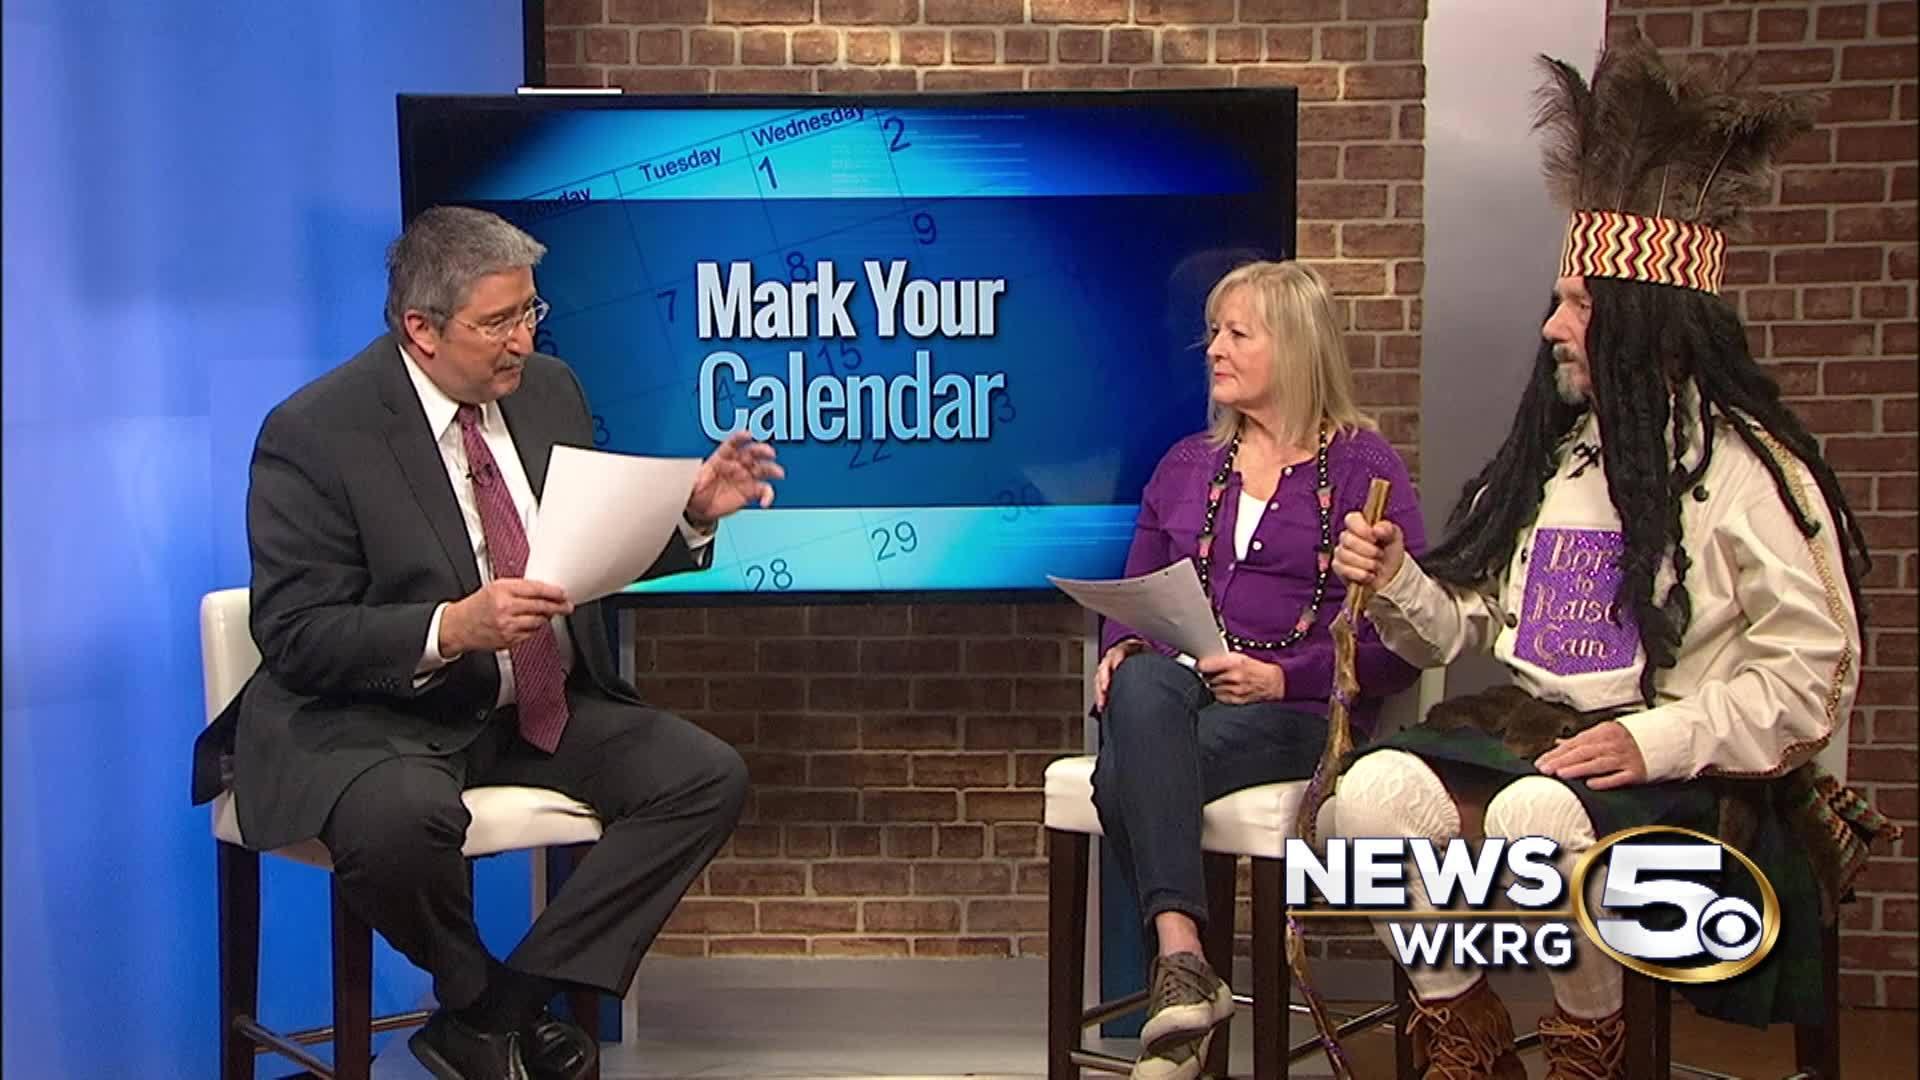 Mark Your Calendar: Joe Cain Classic 2019